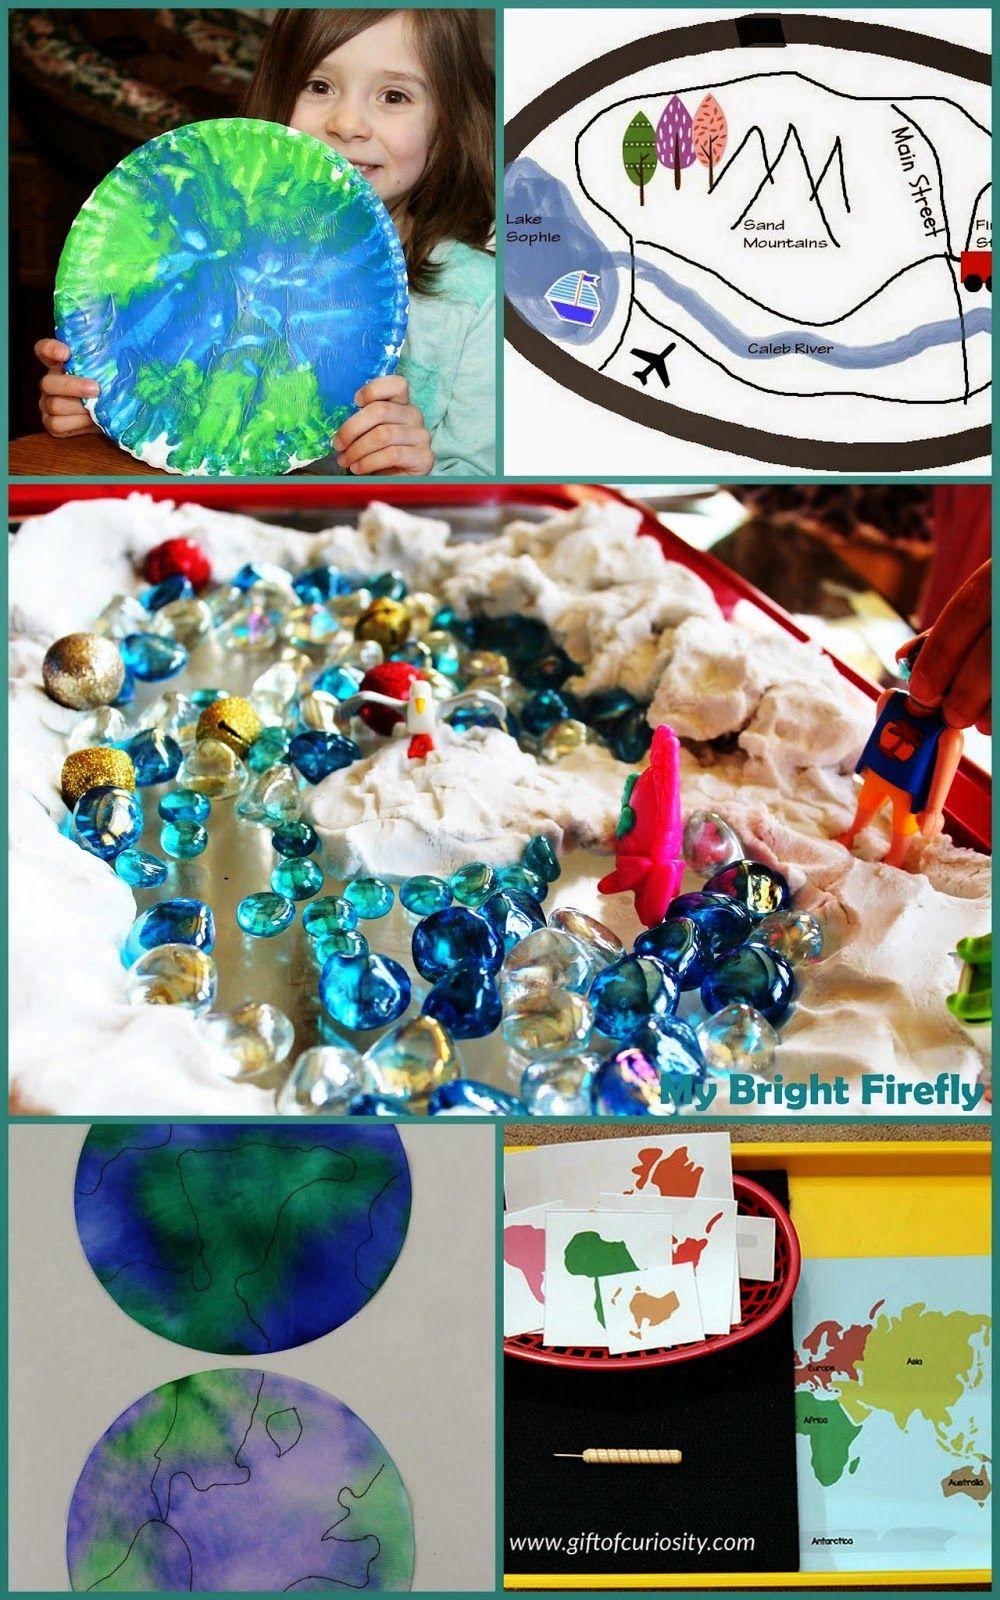 f0de1fbfe207f95e71de656c7fdd98d1 - Fun Games For Kindergarten